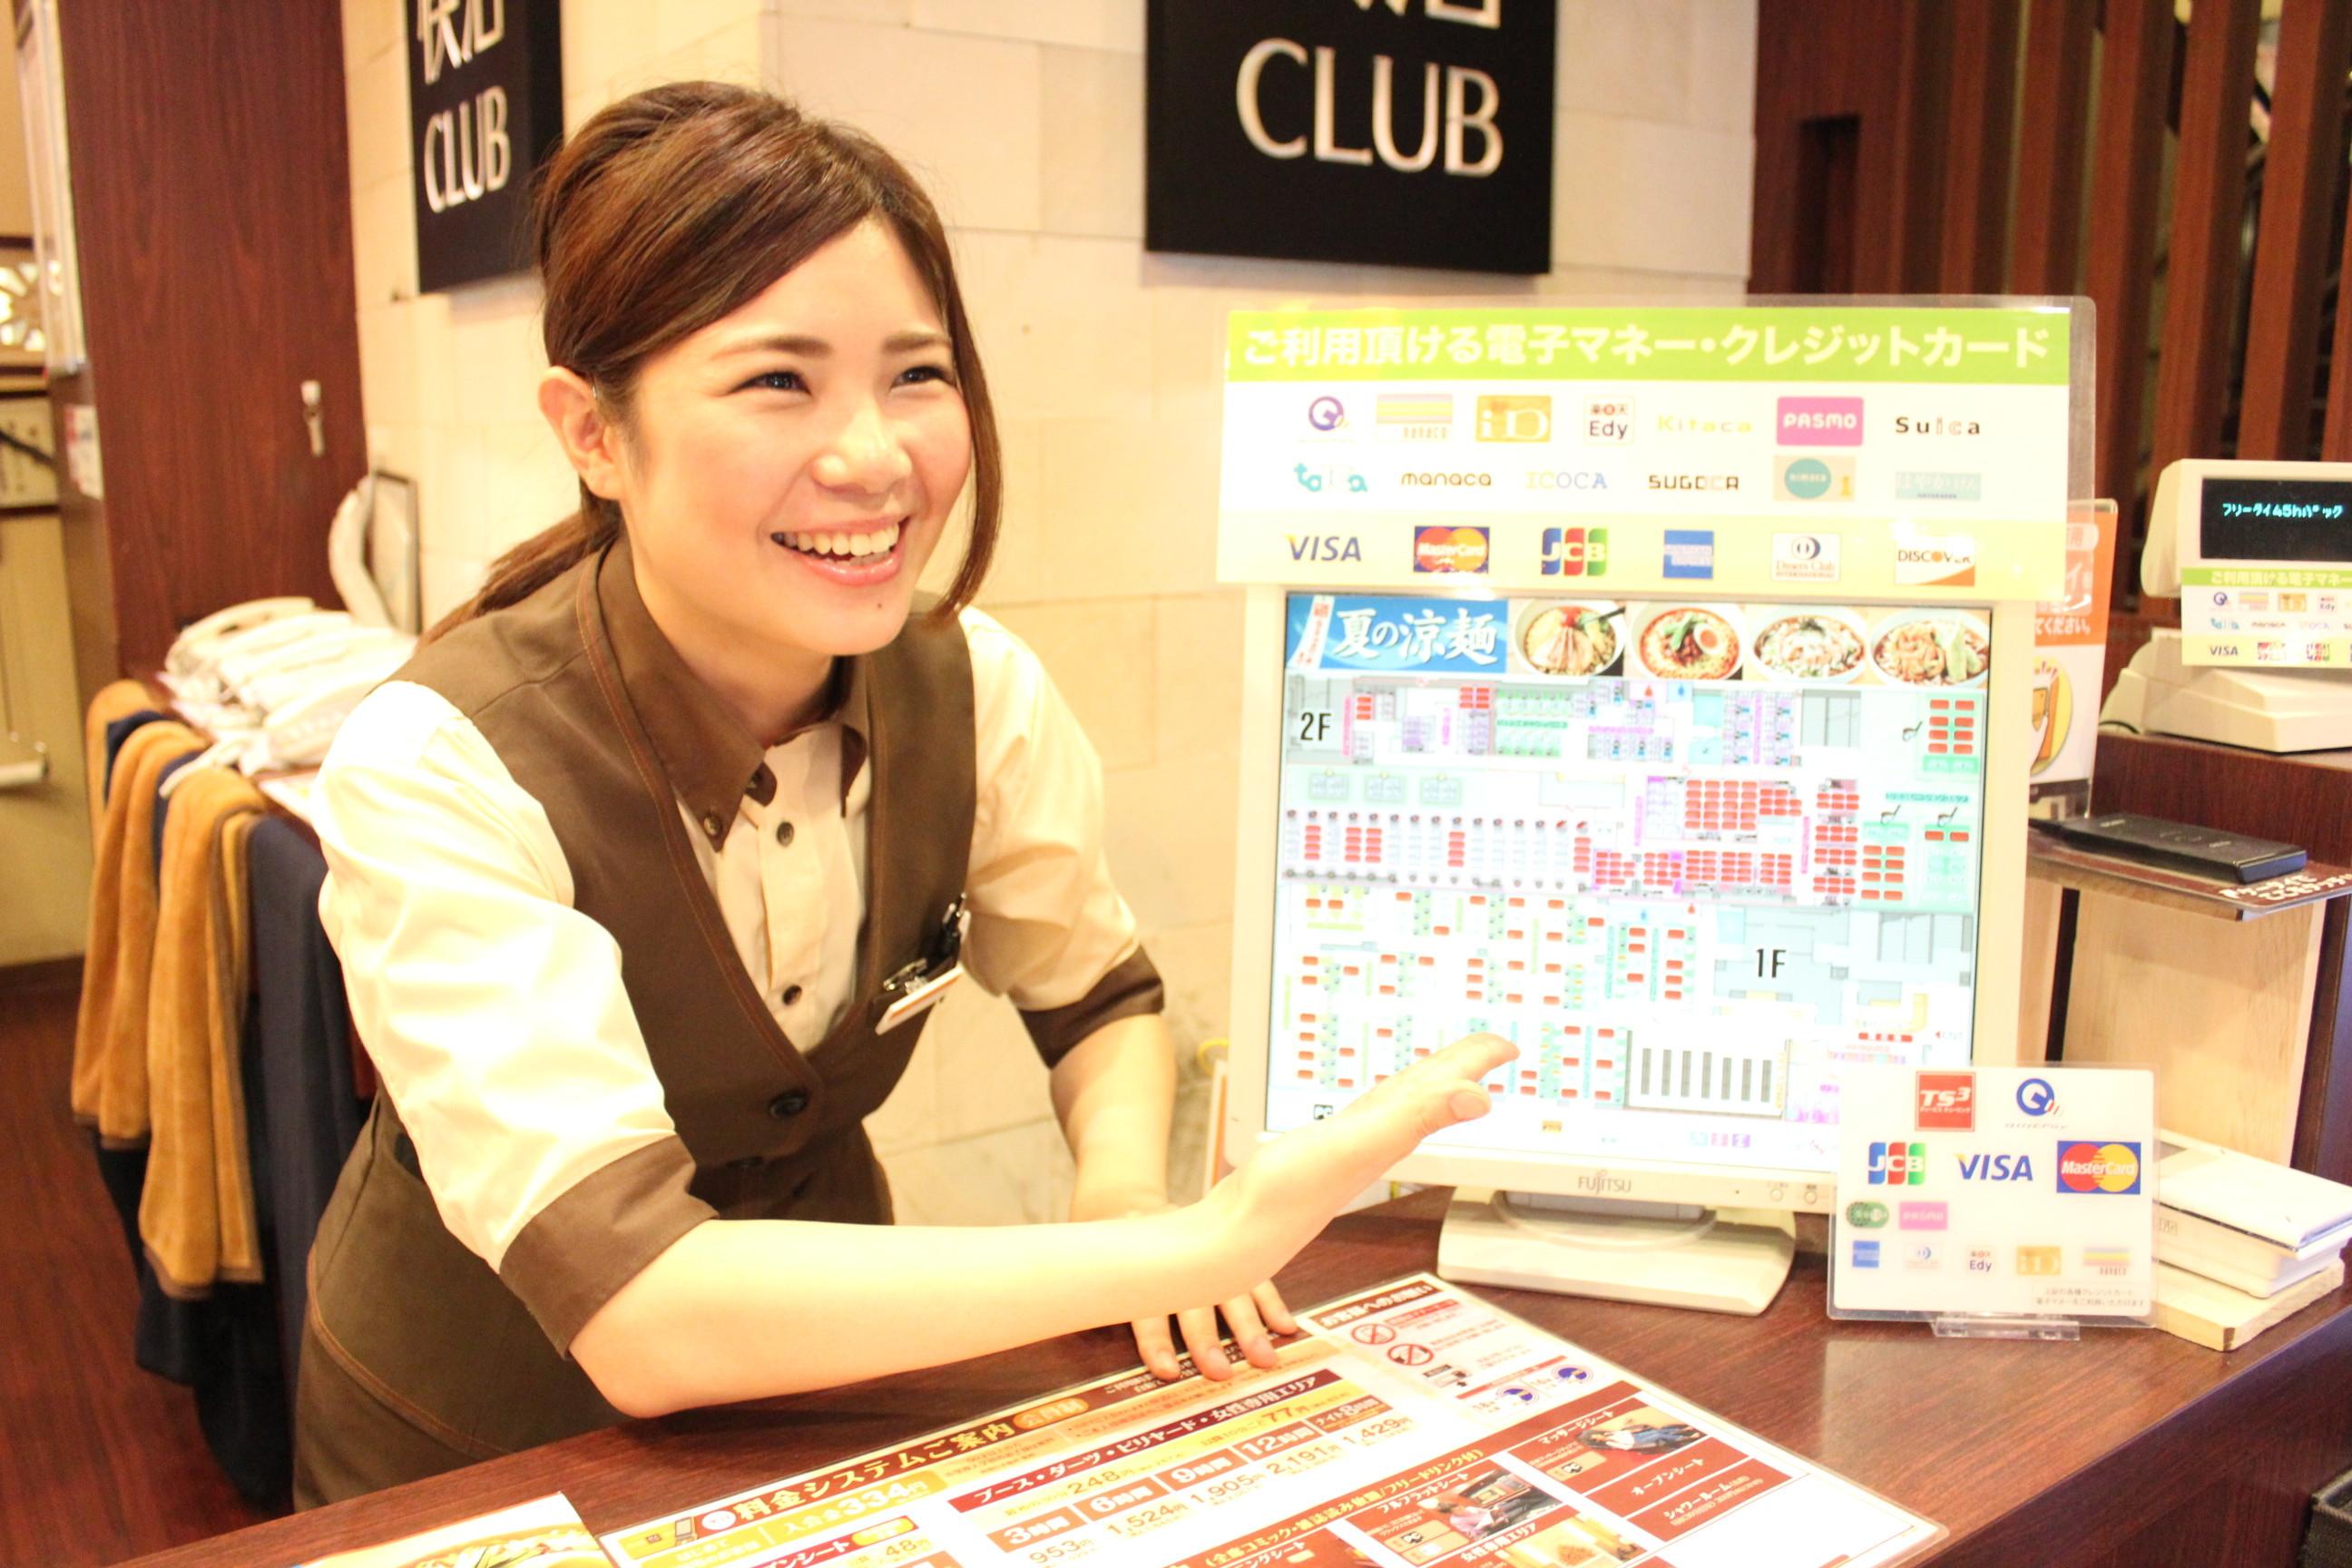 快活CLUB 各務原店のアルバイト情報